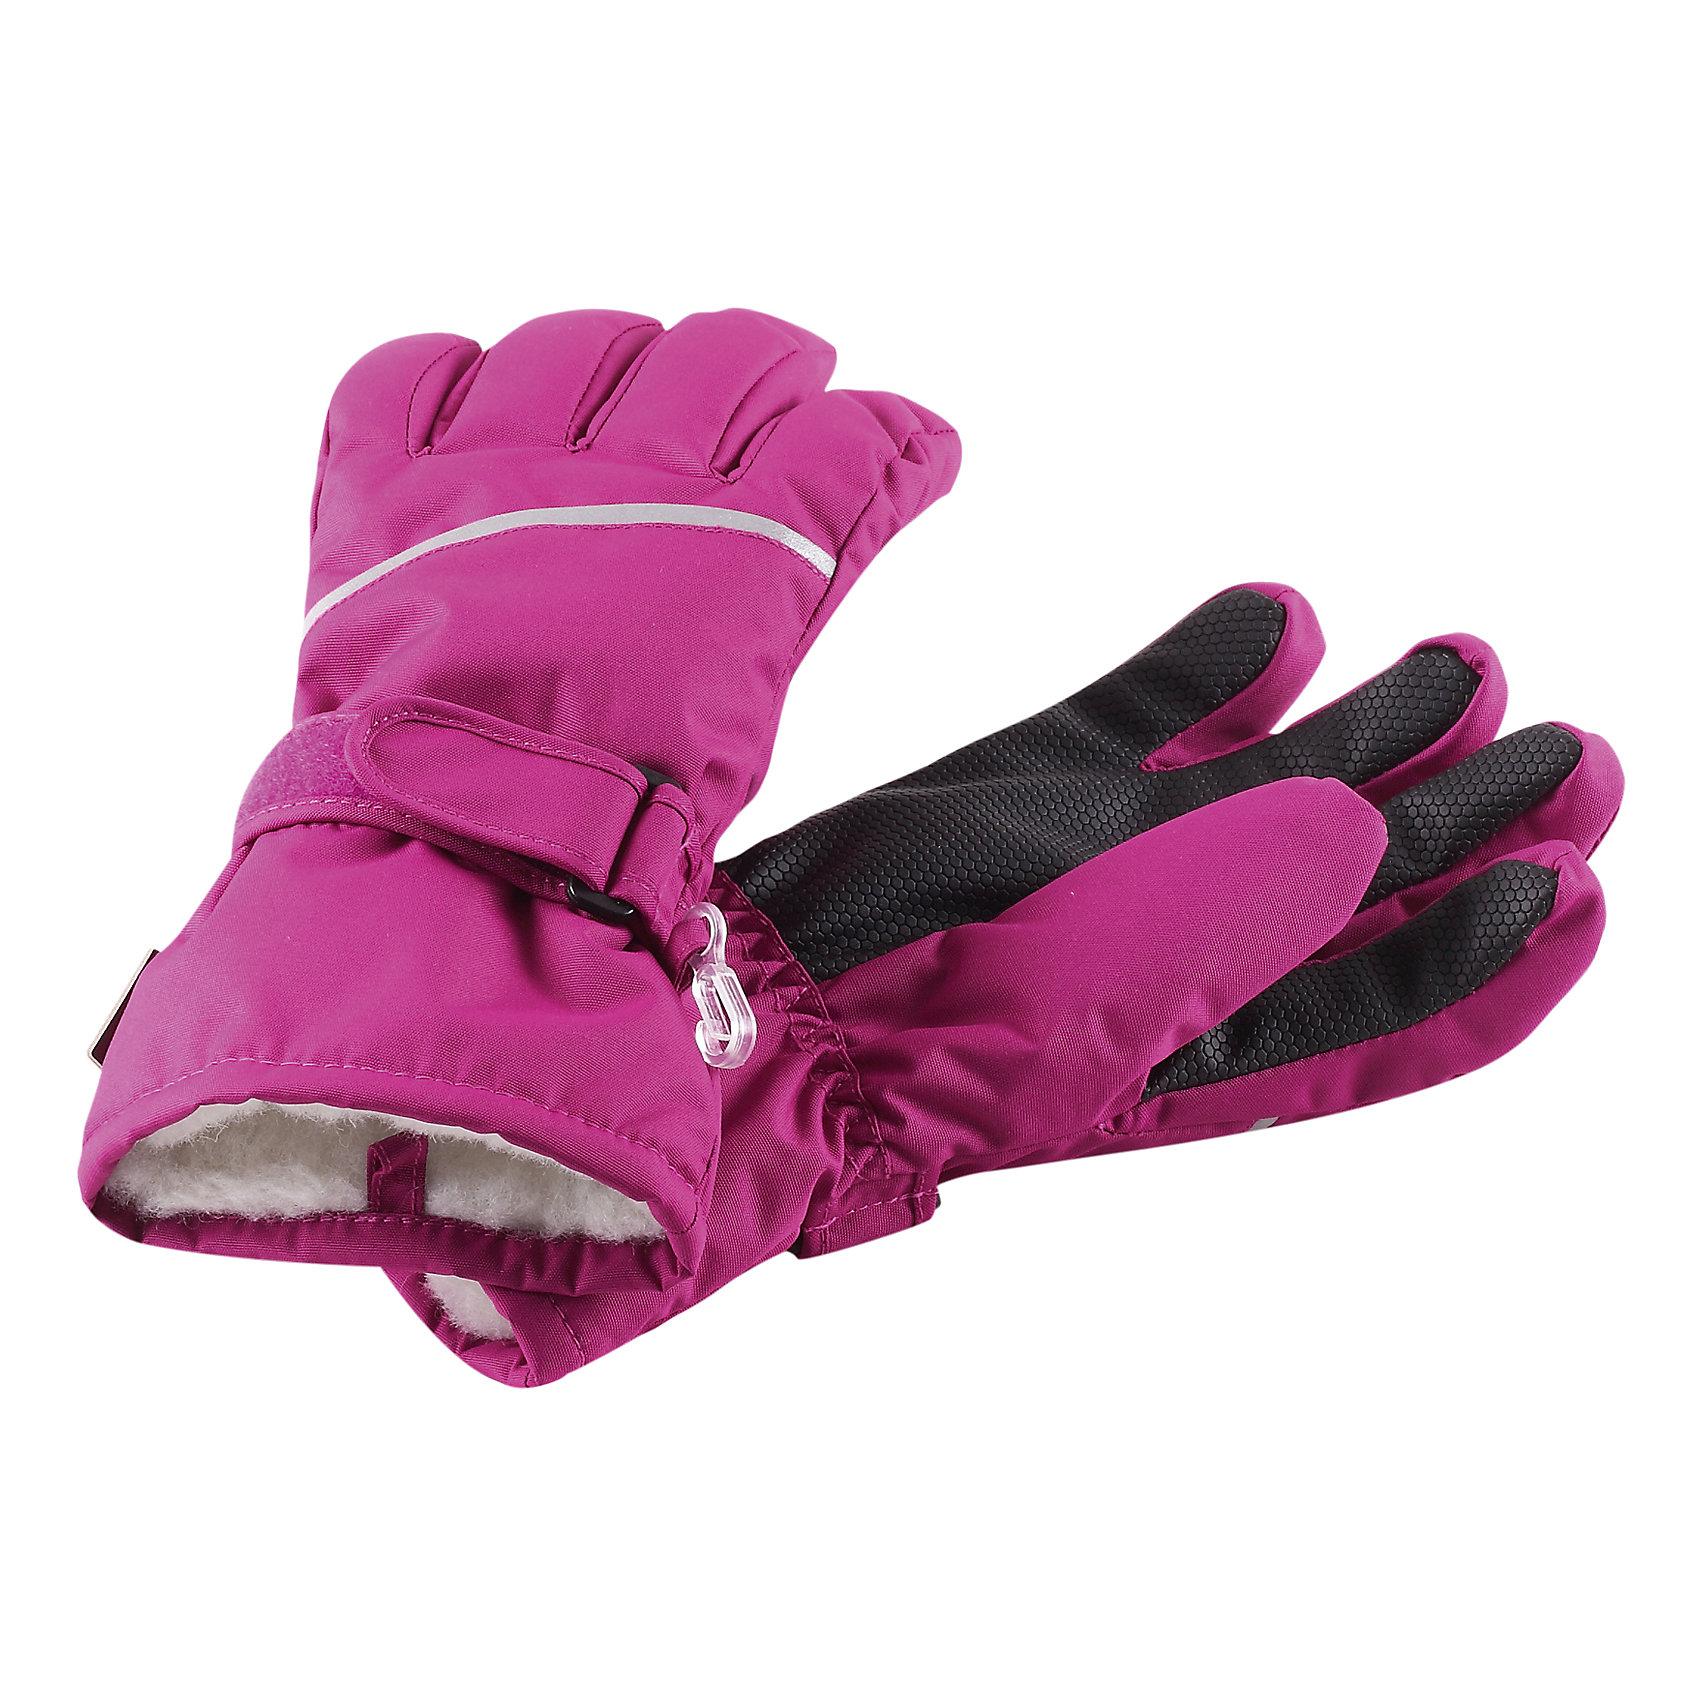 Перчатки для девочки ReimaПерчатки, варежки<br>Эти популярные, очень тёплые зимние варежки для малышей и детей постарше - надёжный выбор для прогулки в морозный денёк! Благодаря лёгкому утеплителю в сочетании с тёплой шерстяной вязаной подкладкой, малышу будет очень тепло. Нет необходимость спешить домой, поэтому дети могут слепить не меньше трёх снеговиков, и ручки не замёрзнут! Благодаря уплотнению в области ладони и большого пальца, ребёнку будет удобно брать даже скользкие предметы и снег. Варежки пошиты из ветронепроницаемого, пропускающего воздух материала, который отталкивает грязь и влагу. Тёплые варежки идеальны для морозной холодной погоды. Несмотря на то, что они сделаны из водоотталкивающего материала, варежки пропускают воду. Выбери свой любимый цвет из трендов этого сезона!<br><br>Зимние варежки для малышей и детей постарше<br>Мягкая вязаная подкладка из полиэстера <br>Уплотнение и принт в области ладони и большого пальца<br> Лёгкий утеплитель (80 г)<br> Светоотражающий кант <br>Состав:<br>100% ПЭ, ПУ-покрытие<br>Высокая степень утепления (до - 30)<br><br>Варежки Reima (Рейма) можно купить в нашем магазине.<br><br>Ширина мм: 162<br>Глубина мм: 171<br>Высота мм: 55<br>Вес г: 119<br>Цвет: розовый<br>Возраст от месяцев: 120<br>Возраст до месяцев: 144<br>Пол: Женский<br>Возраст: Детский<br>Размер: 7,3,6,4,8,5<br>SKU: 4210135